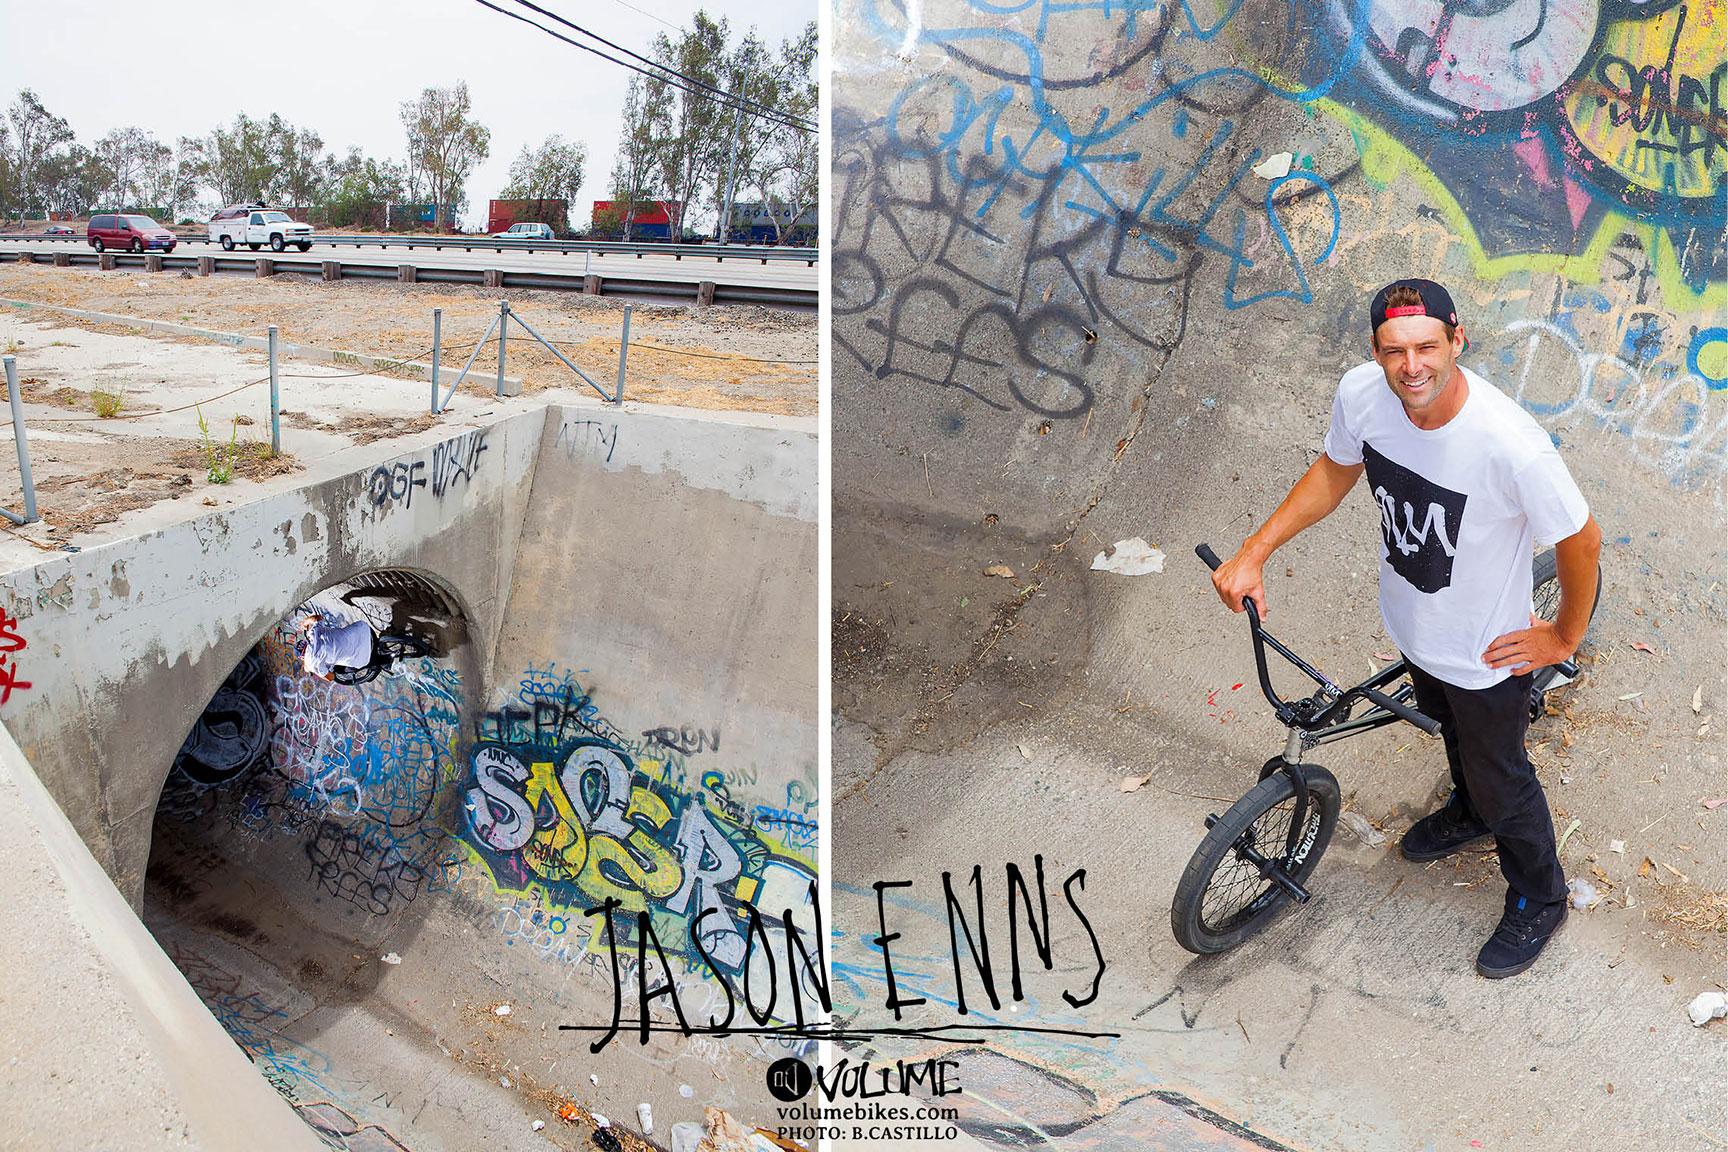 Jason Enns black holed